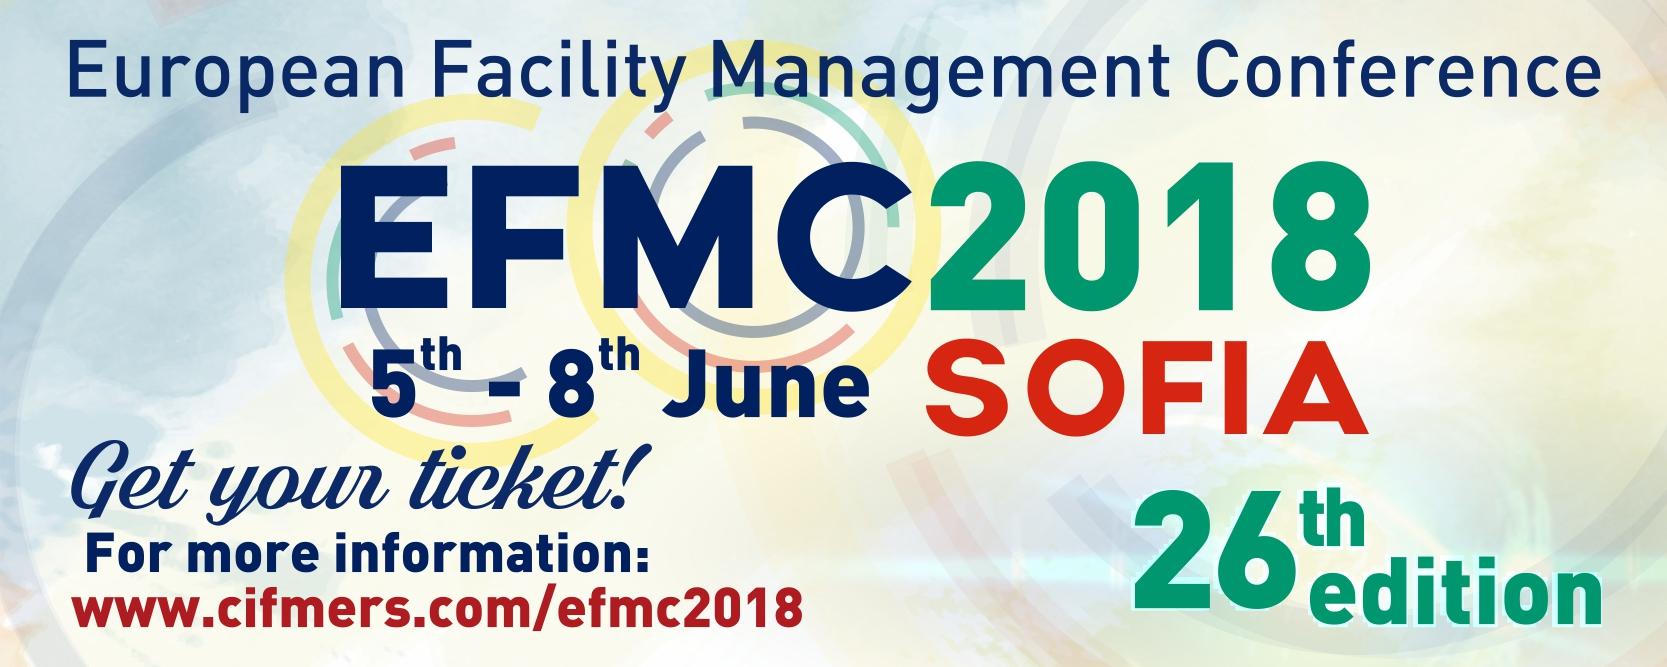 EFMC2018